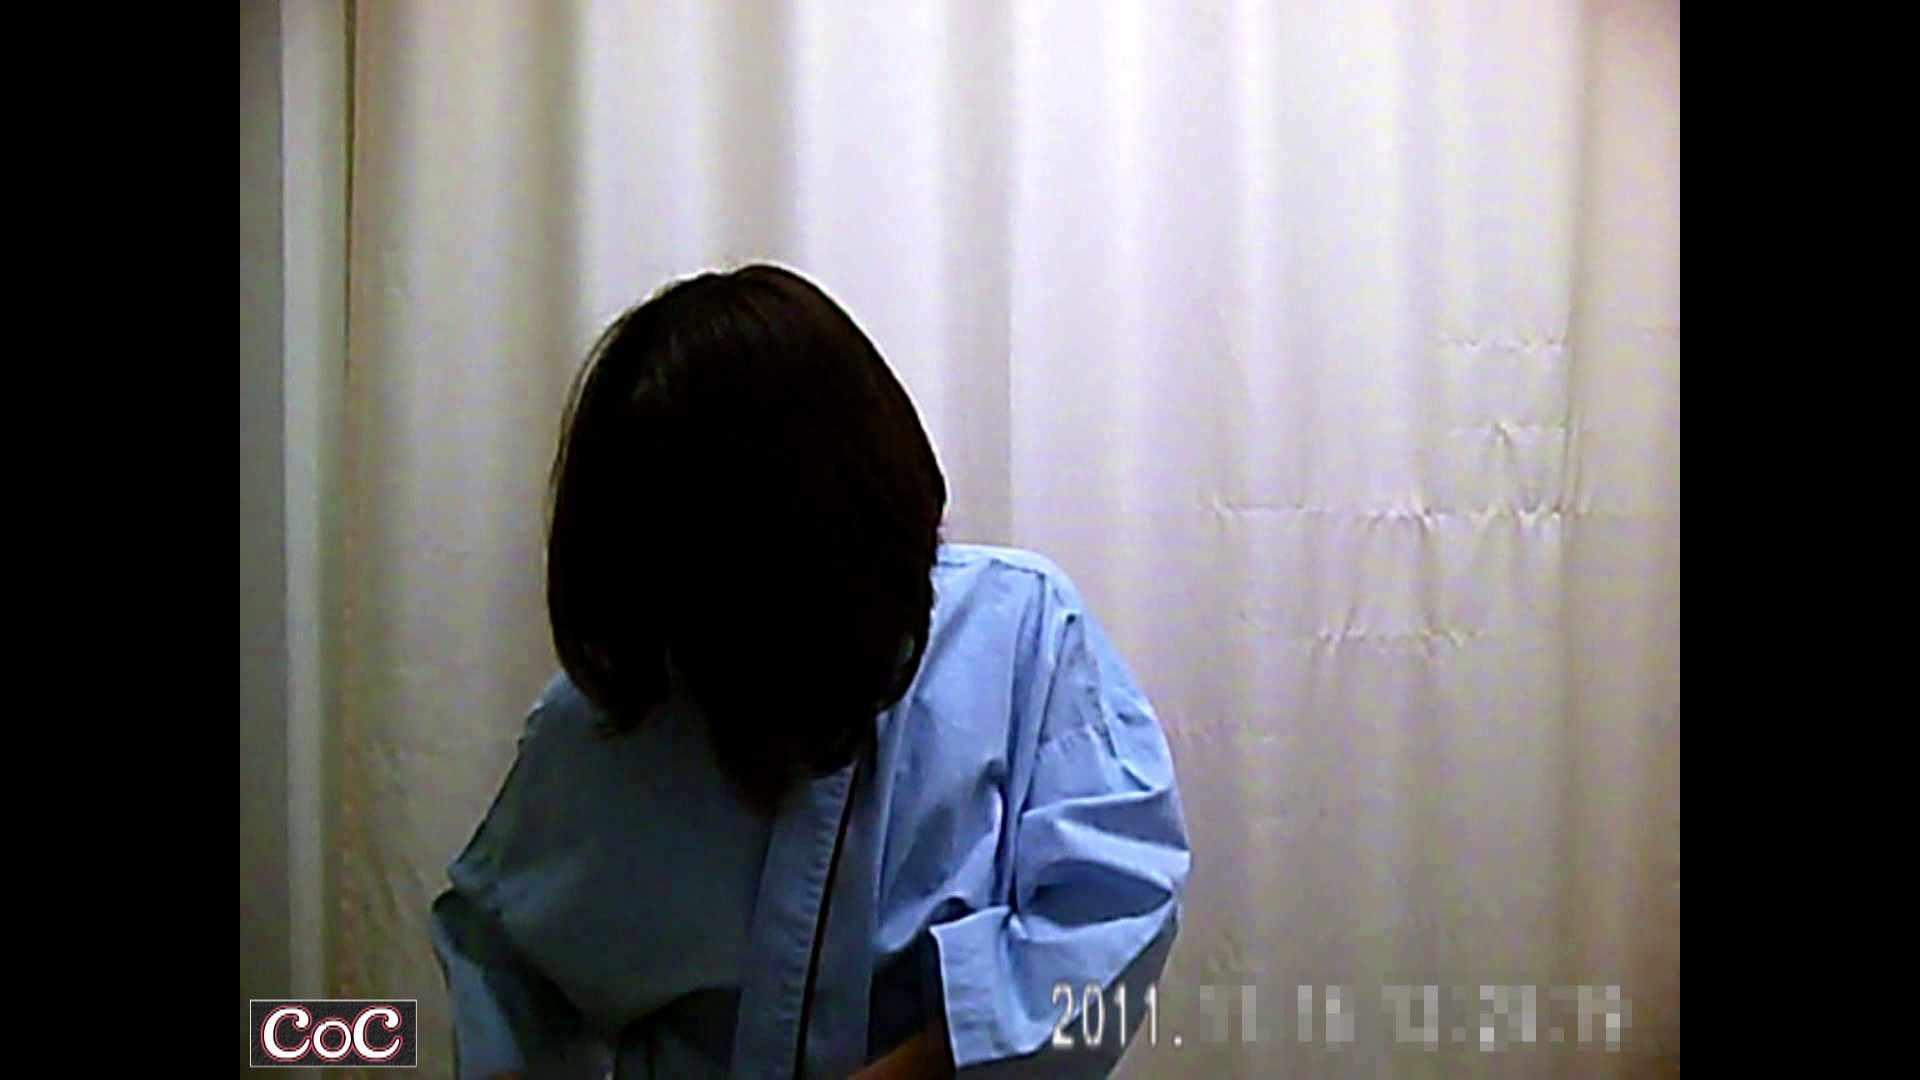 病院おもいっきり着替え! vol.92 エロティックなOL エロ画像 83画像 2